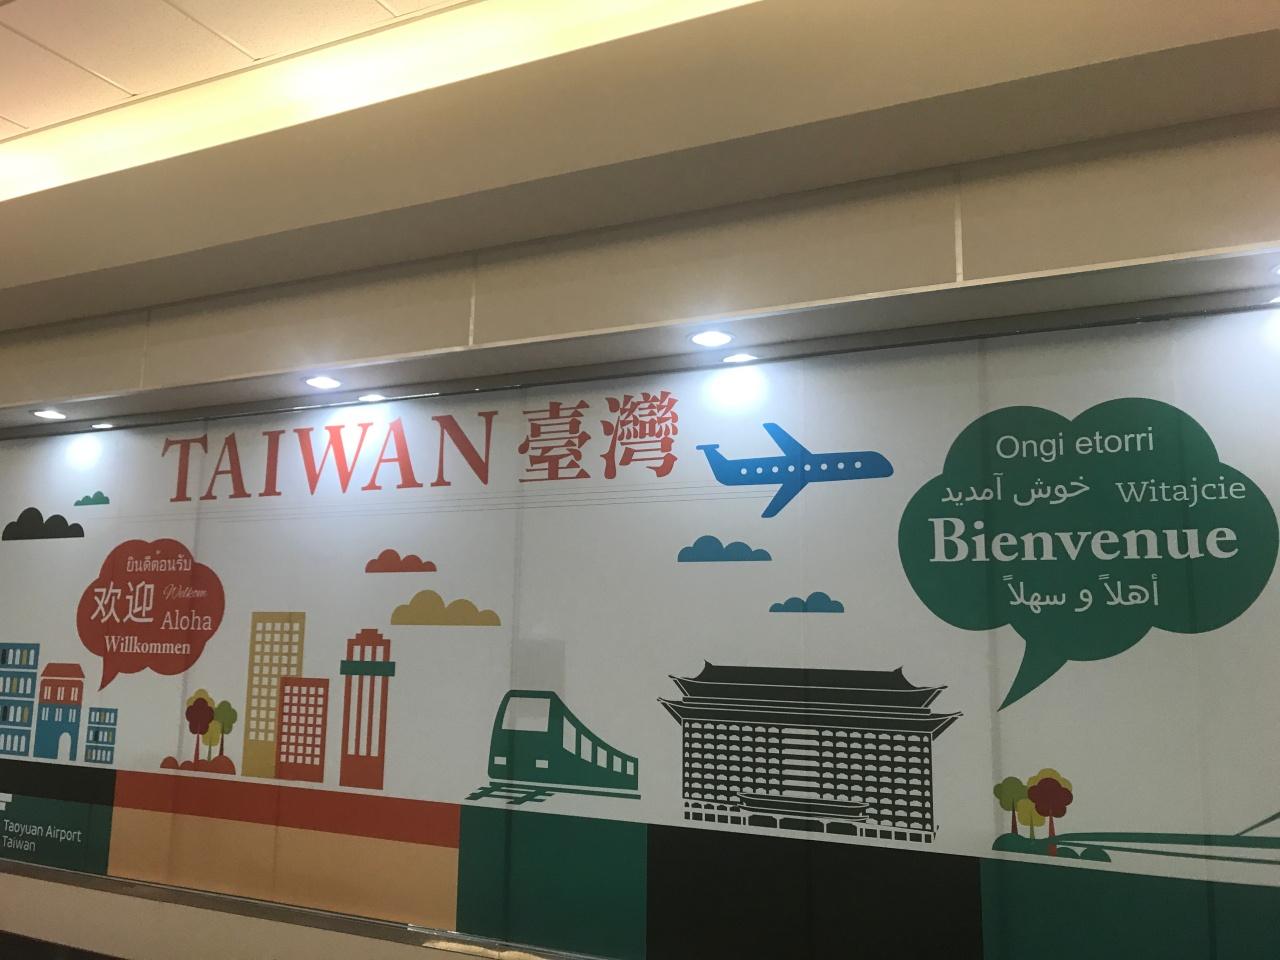 1.台湾.JPG